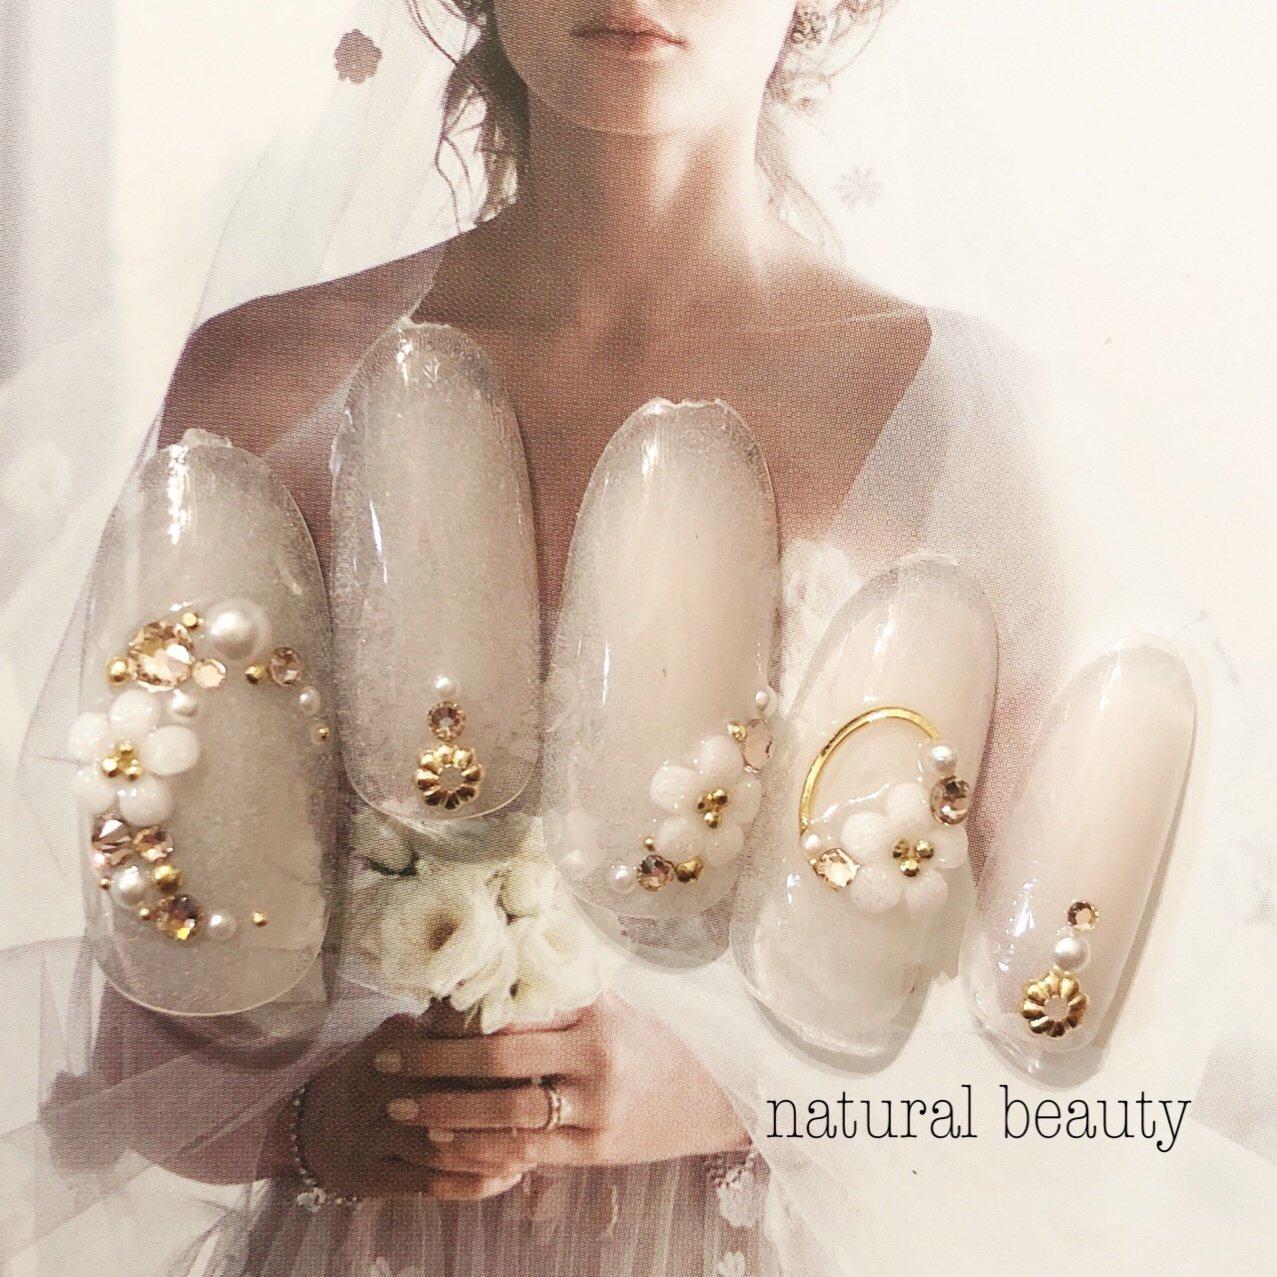 #ウエディング#ブライダル#花嫁 #オールシーズン #ブライダル #パーティー #デート #ハンド #ビジュー #フラワー #ミディアム #ホワイト #ジェル #ネイルチップ #naturalbeauty #ネイルブック